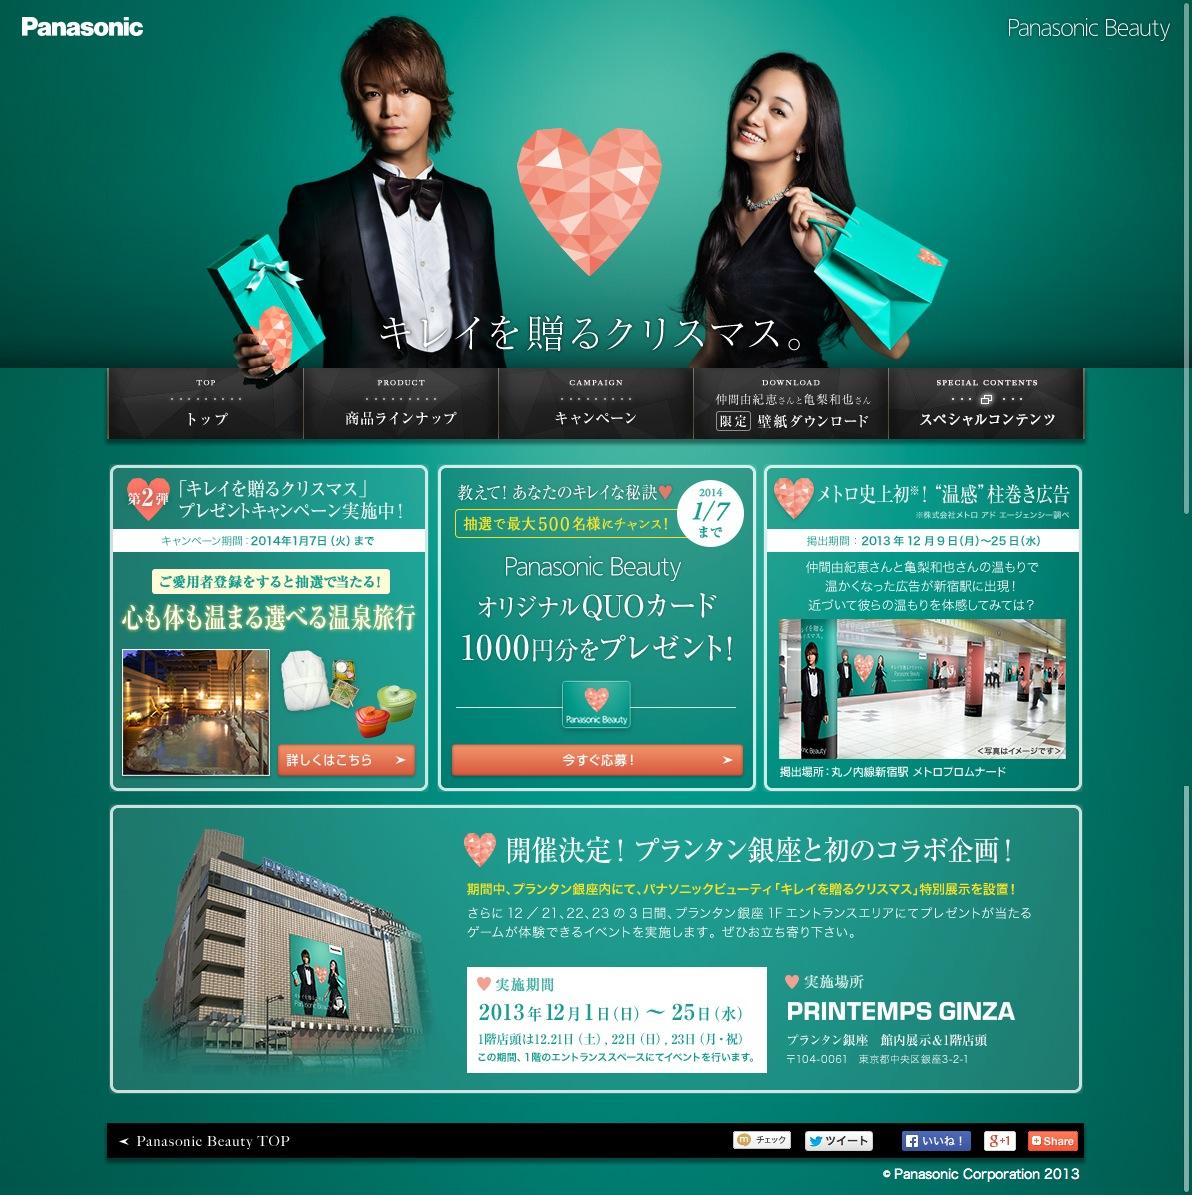 Panasonic Beauty Xmas 2013